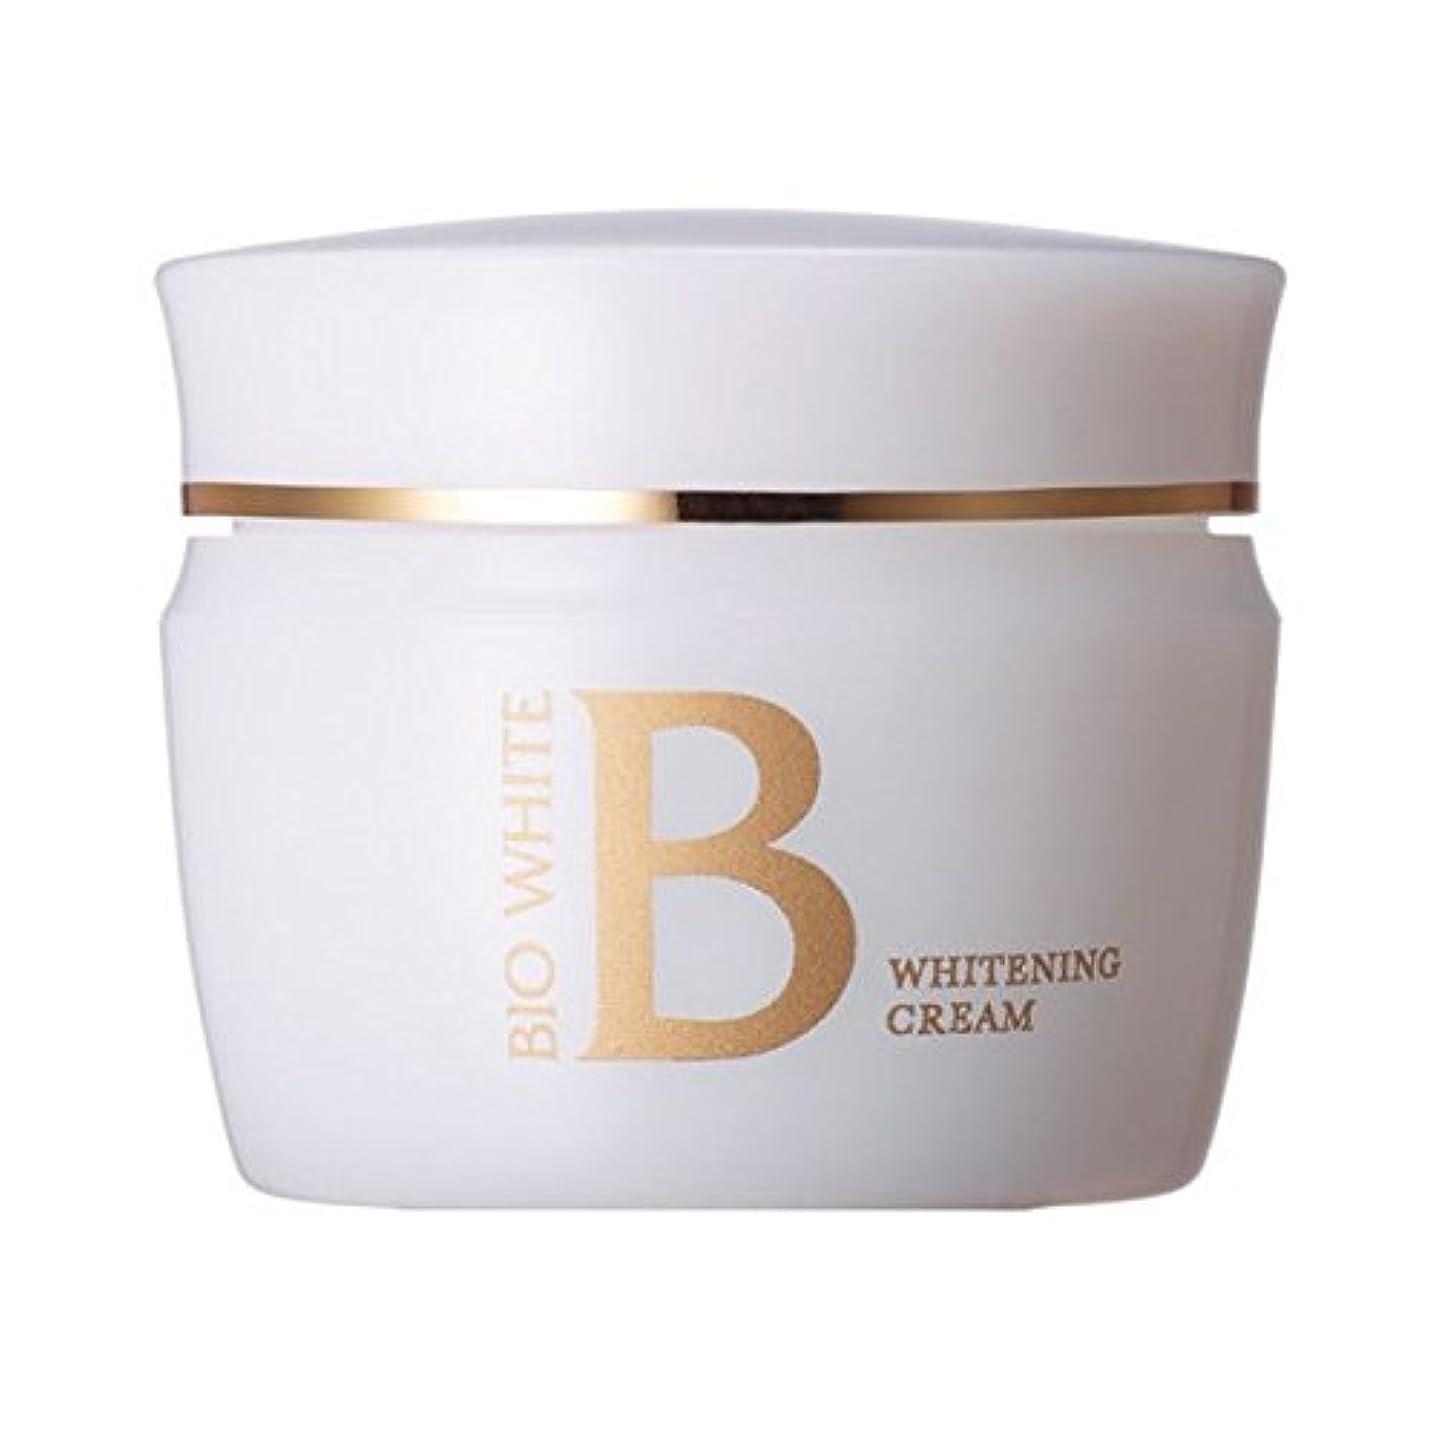 降臨有料ティーンエイジャーエビス化粧品(EBiS) ビーホワイトクリーム40g トラネキサム酸配合 美白クリーム フェイスクリーム